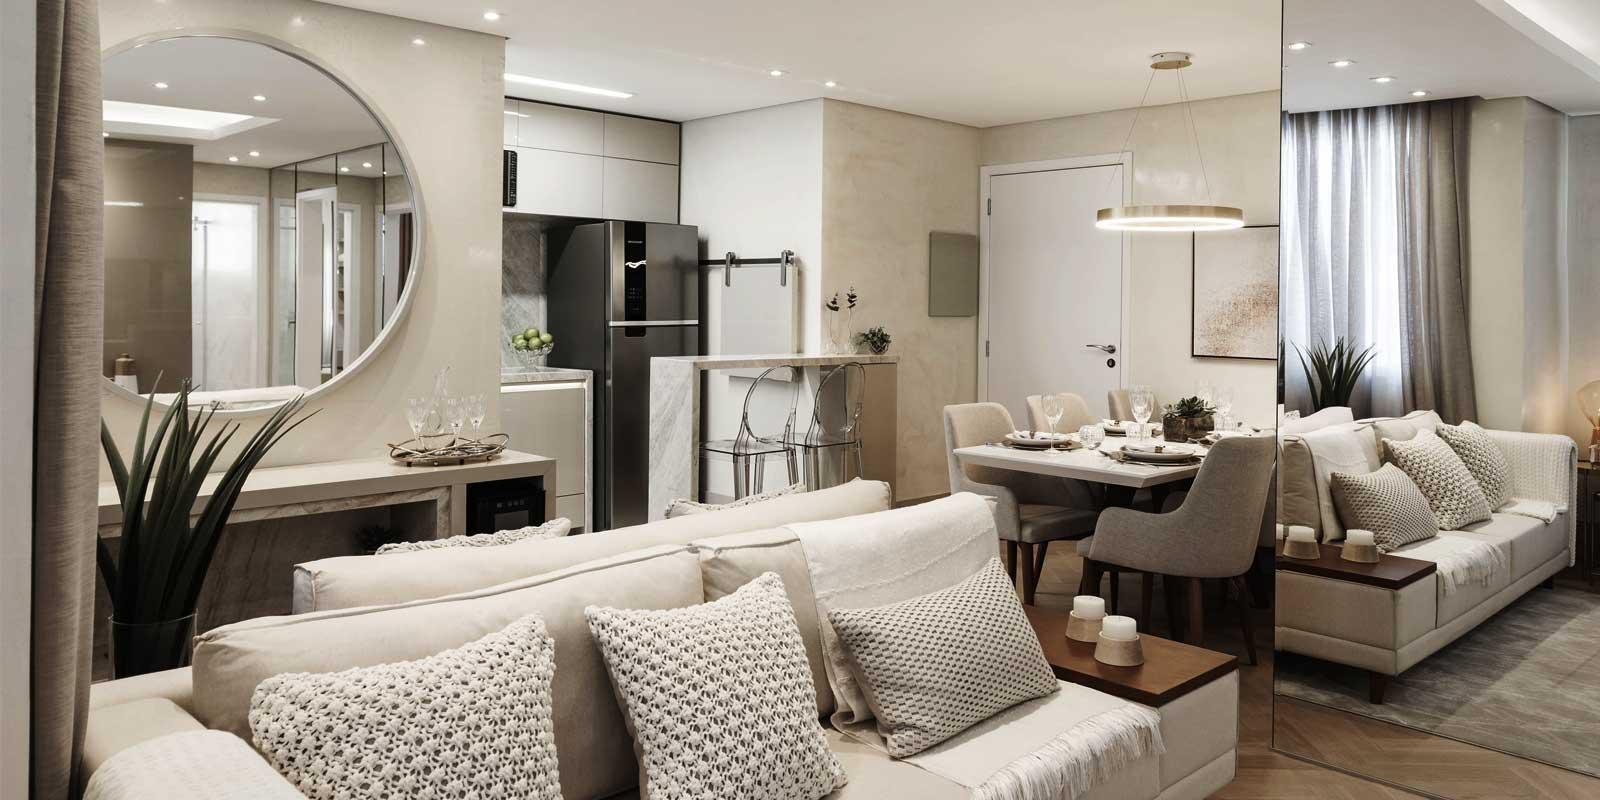 TPS Imóveis - Veja Foto 22 de 32 do Apartamentos de 2 e 3 dormitórios com suíte